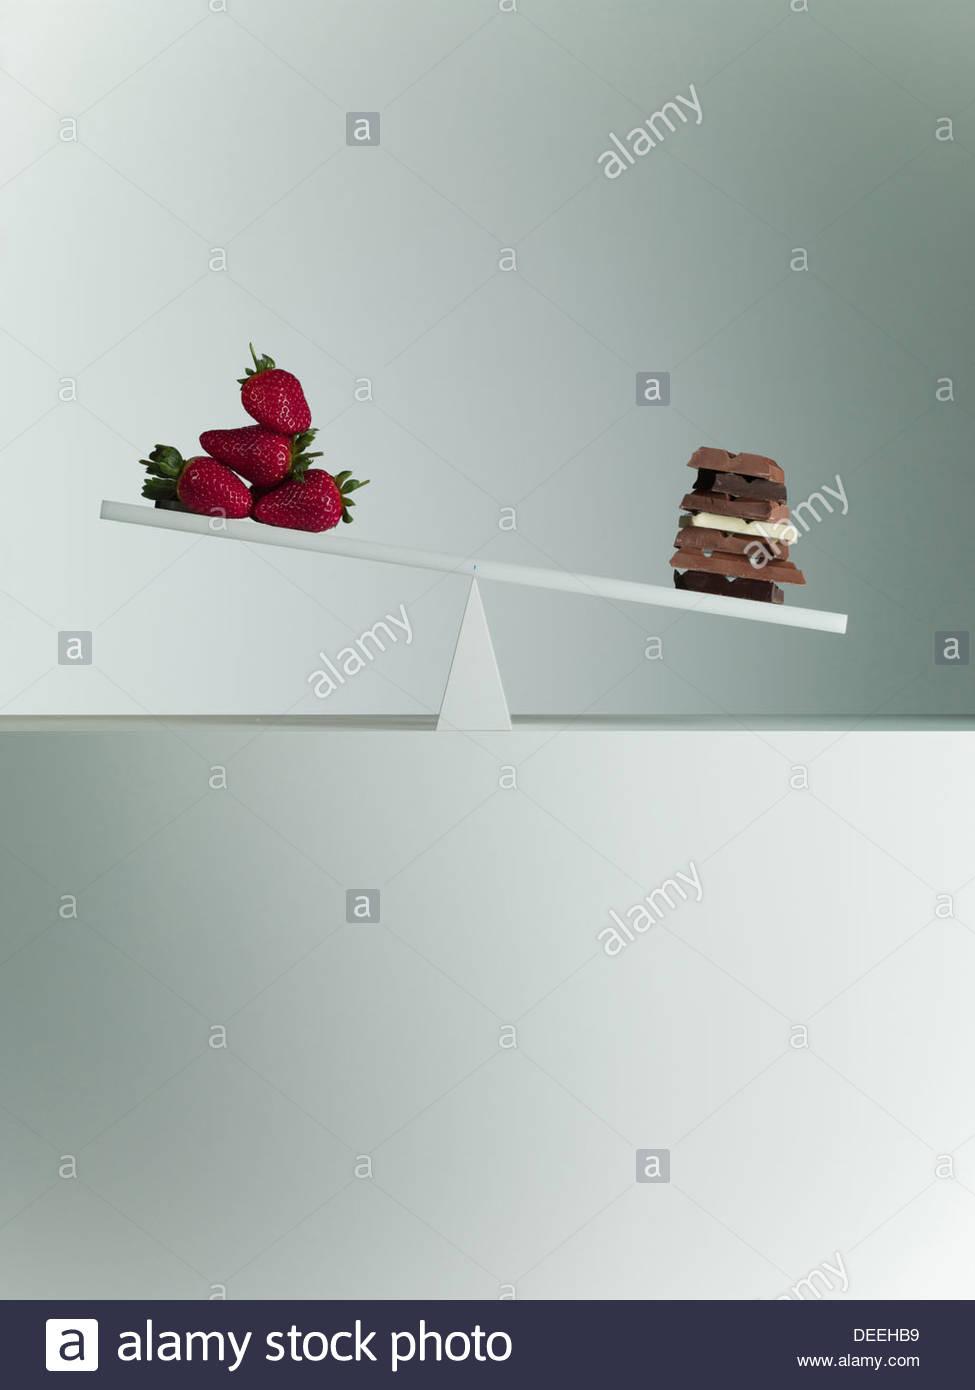 Barras de chocolate con fresas balancín basculante en el extremo opuesto. Imagen De Stock